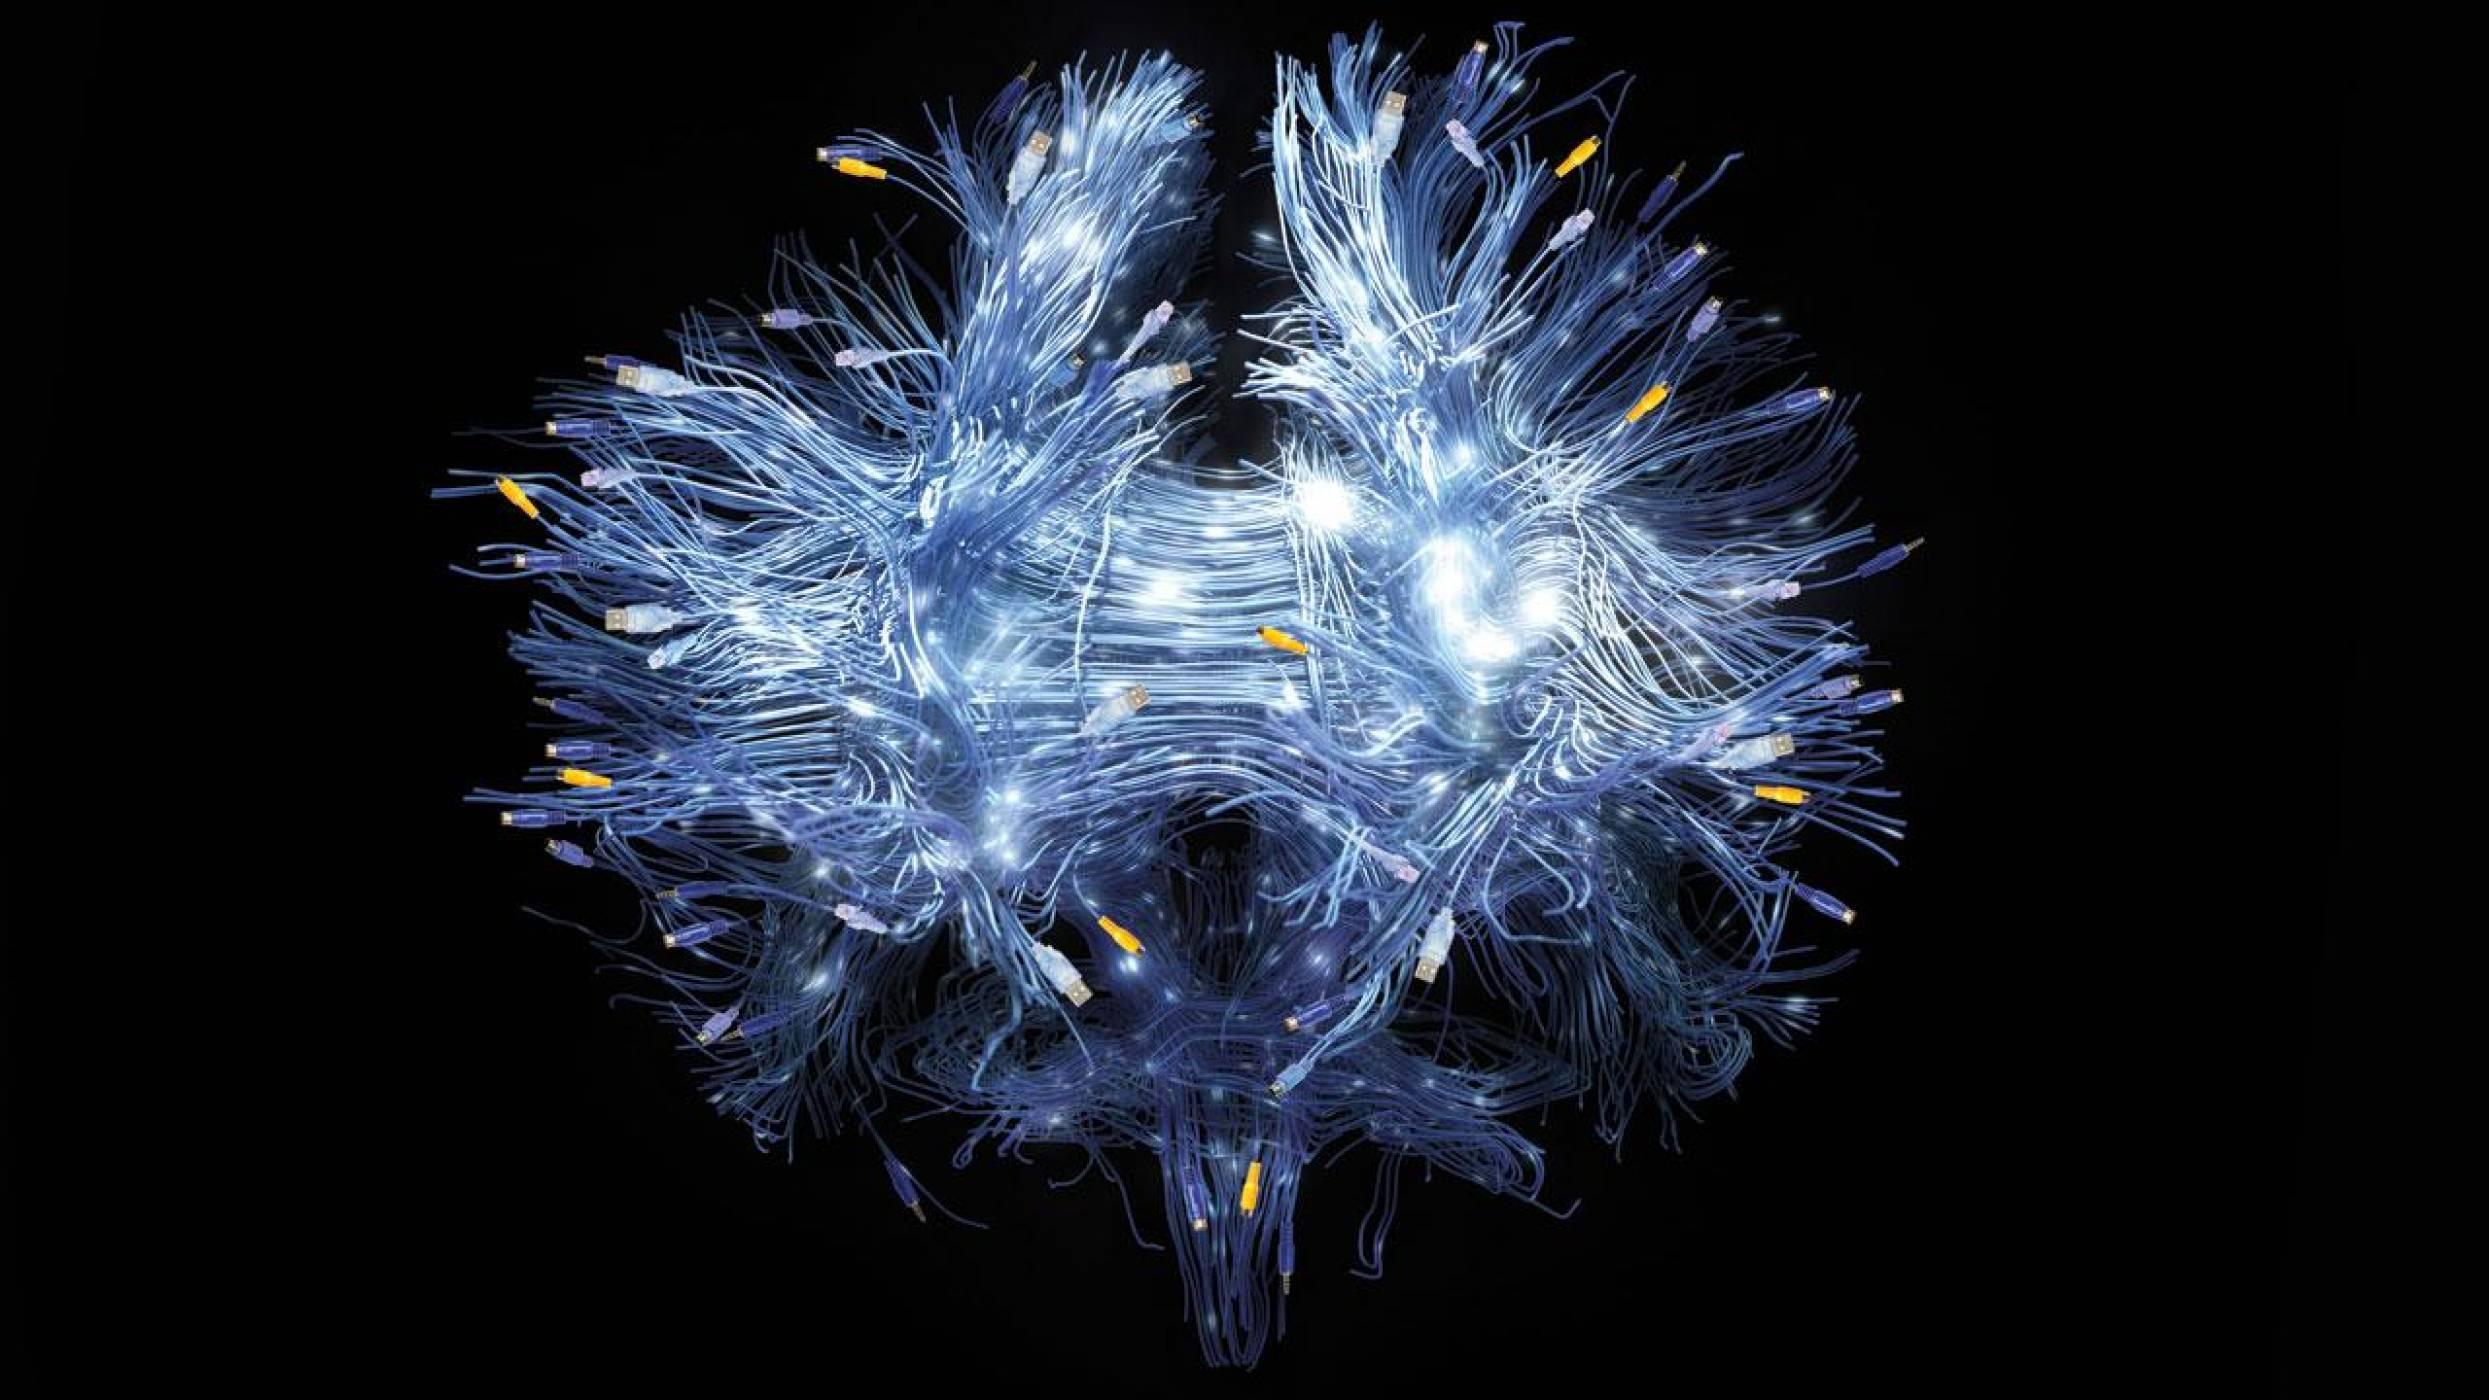 Създадоха изкуствен синапс, който може да се обучава напълно сам